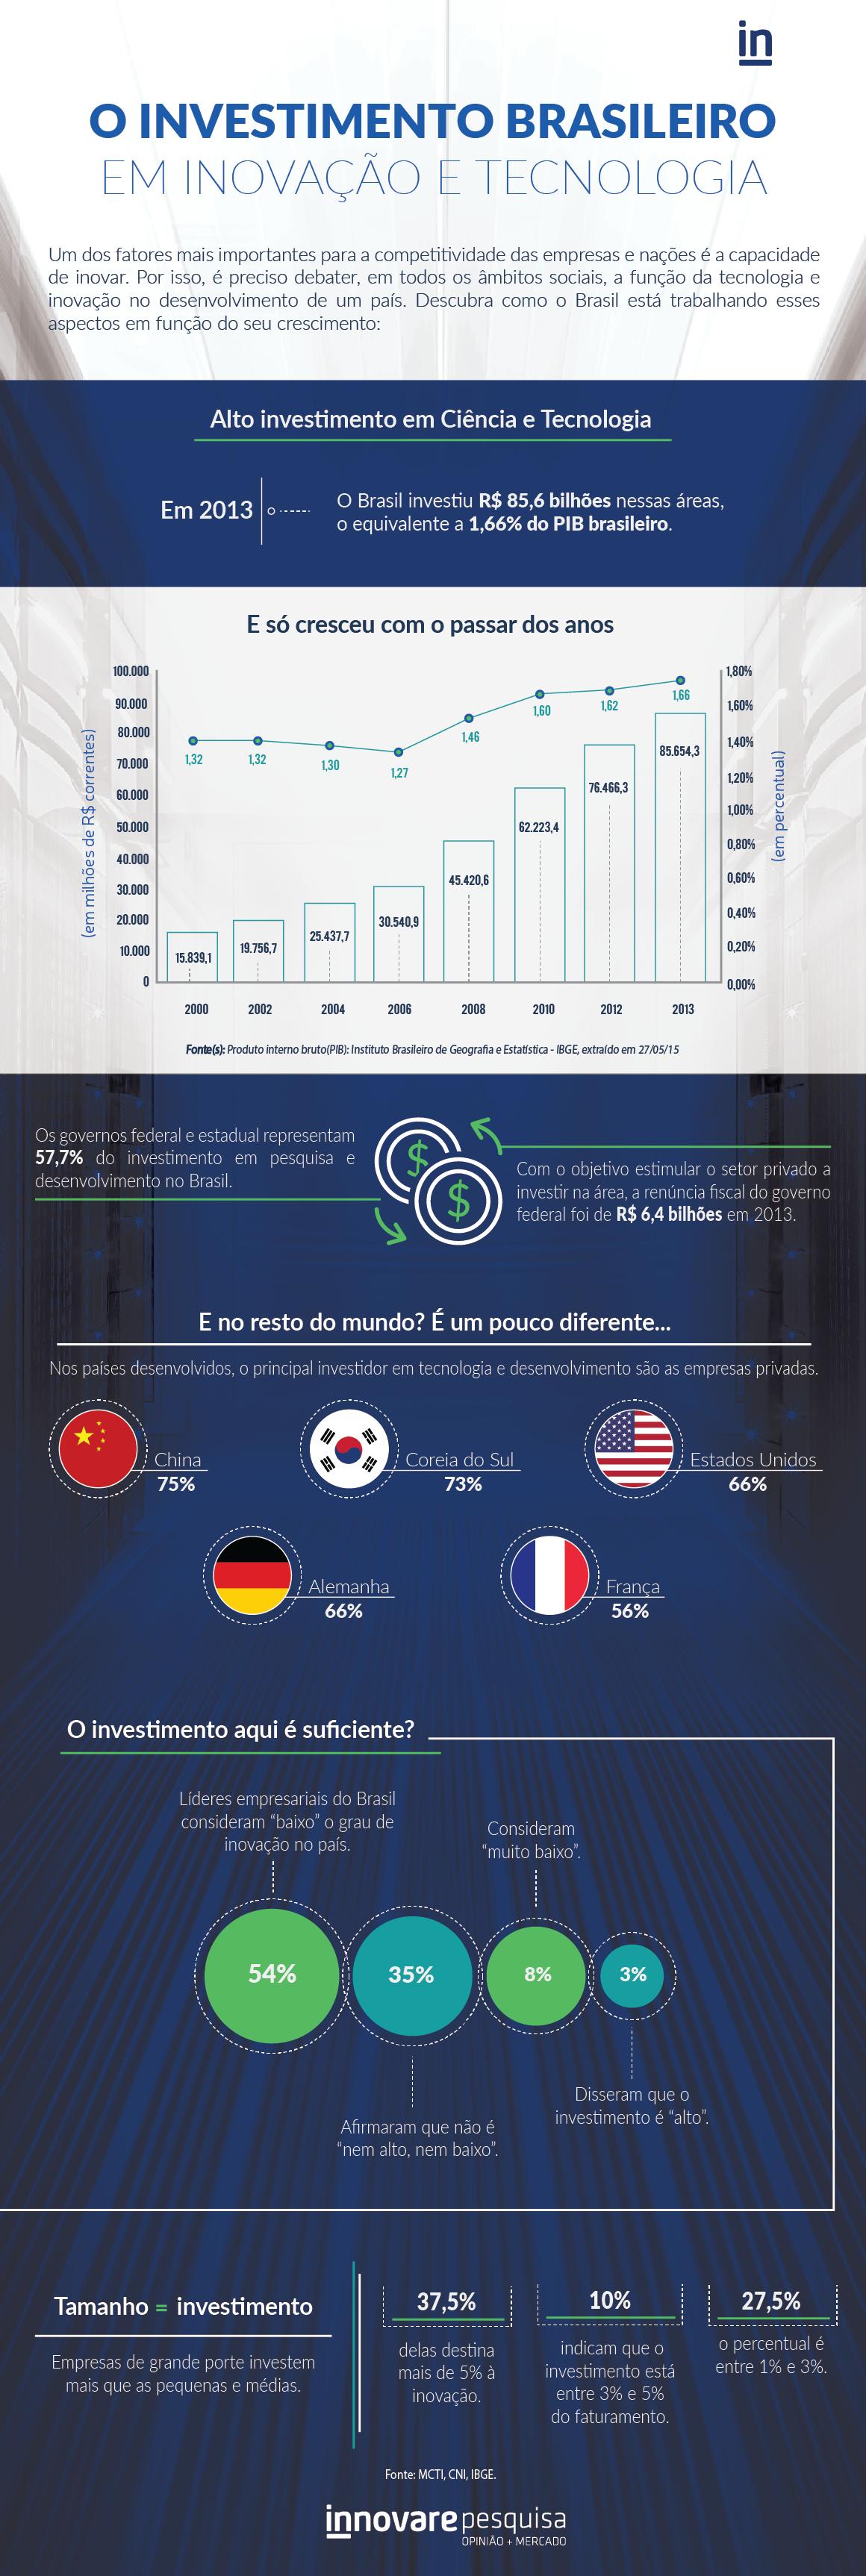 o-investimento-brasileiro-em-inovacao-e-tecnologia